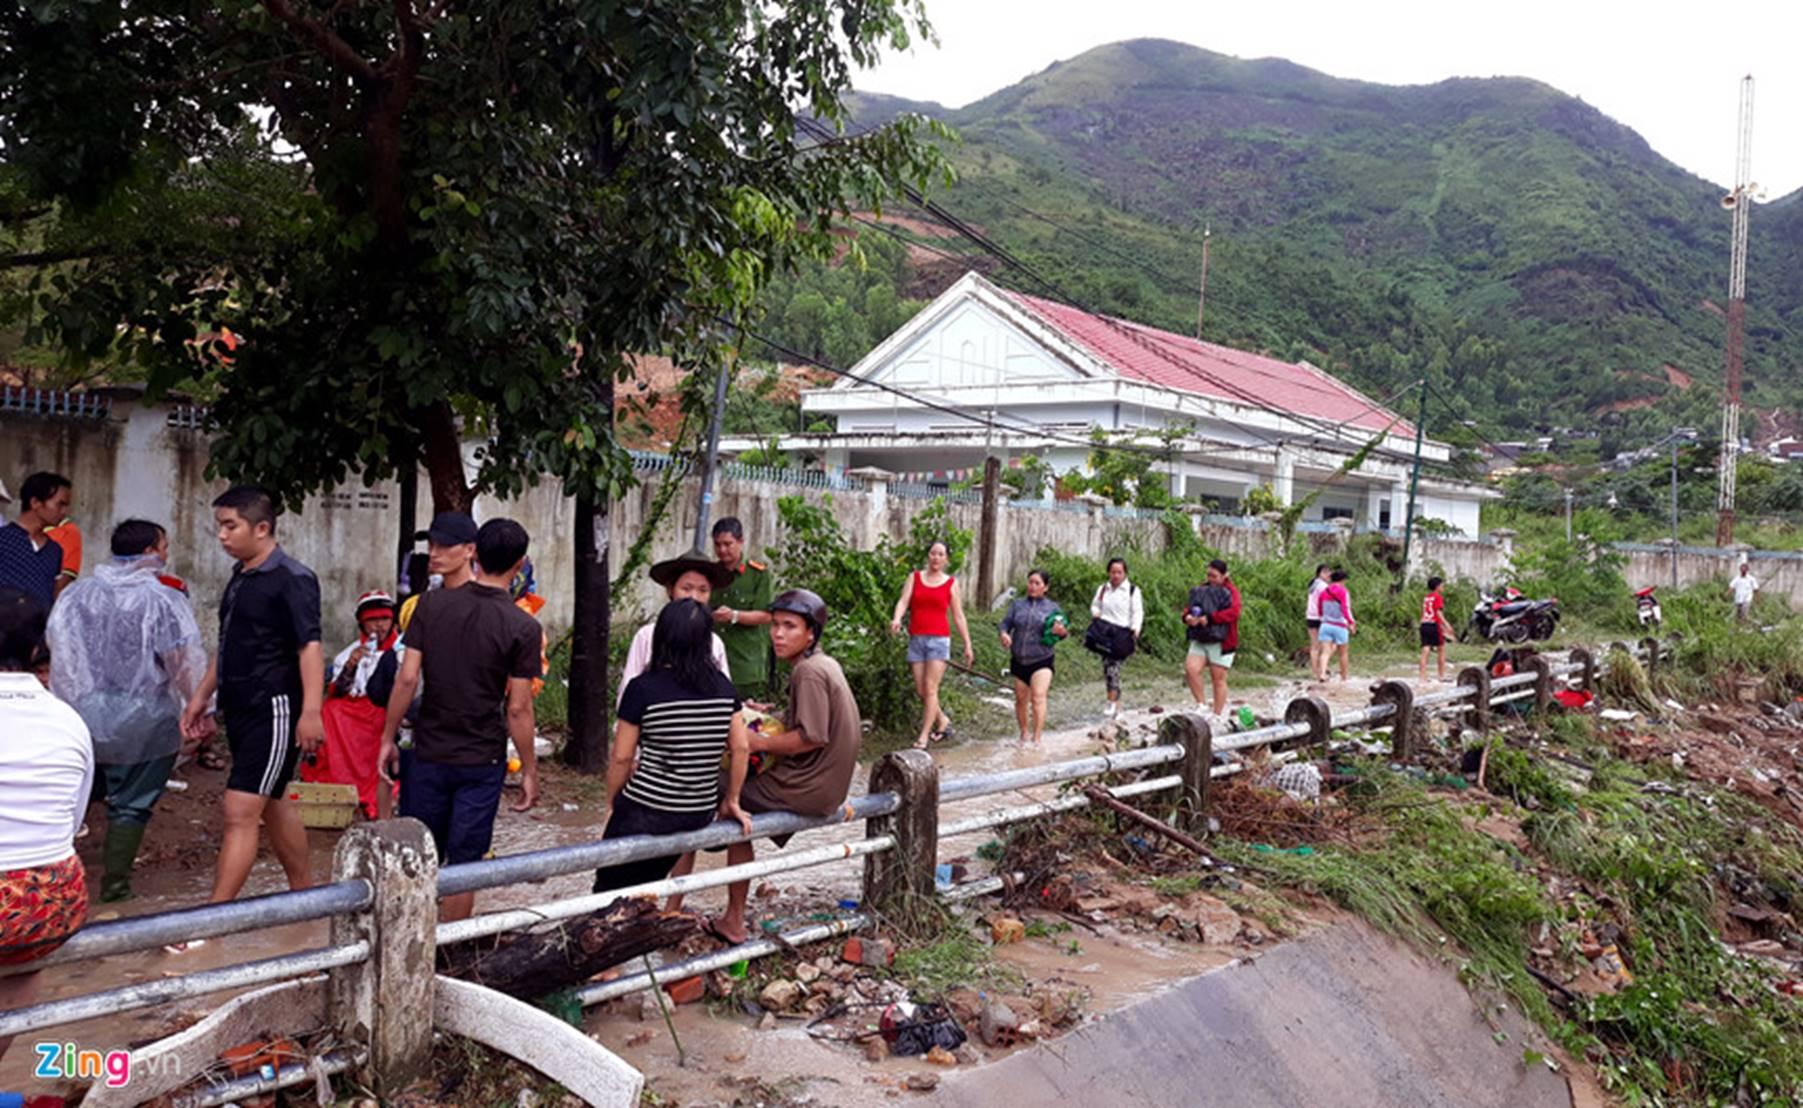 Hiện trường lũ cuốn, sạt lở làm 12 người tử vong ở Nha Trang-9